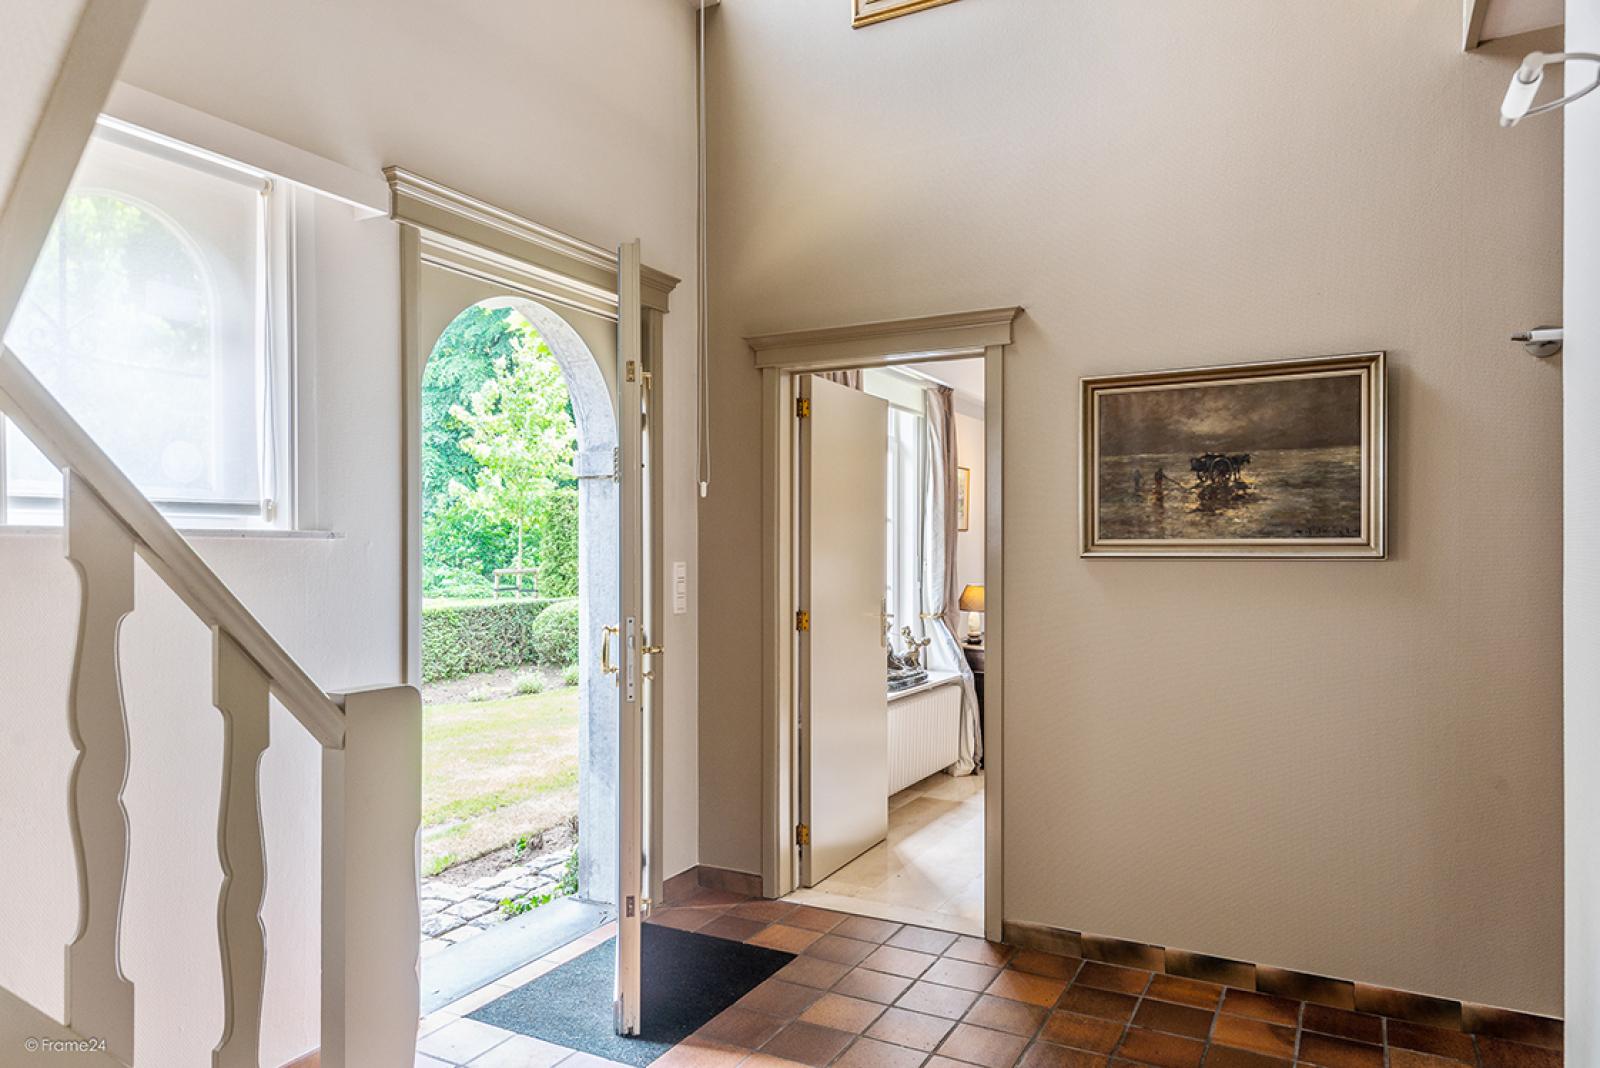 Charmante villa op toplocatie in Wijnegem met prachtige tuin.  afbeelding 10